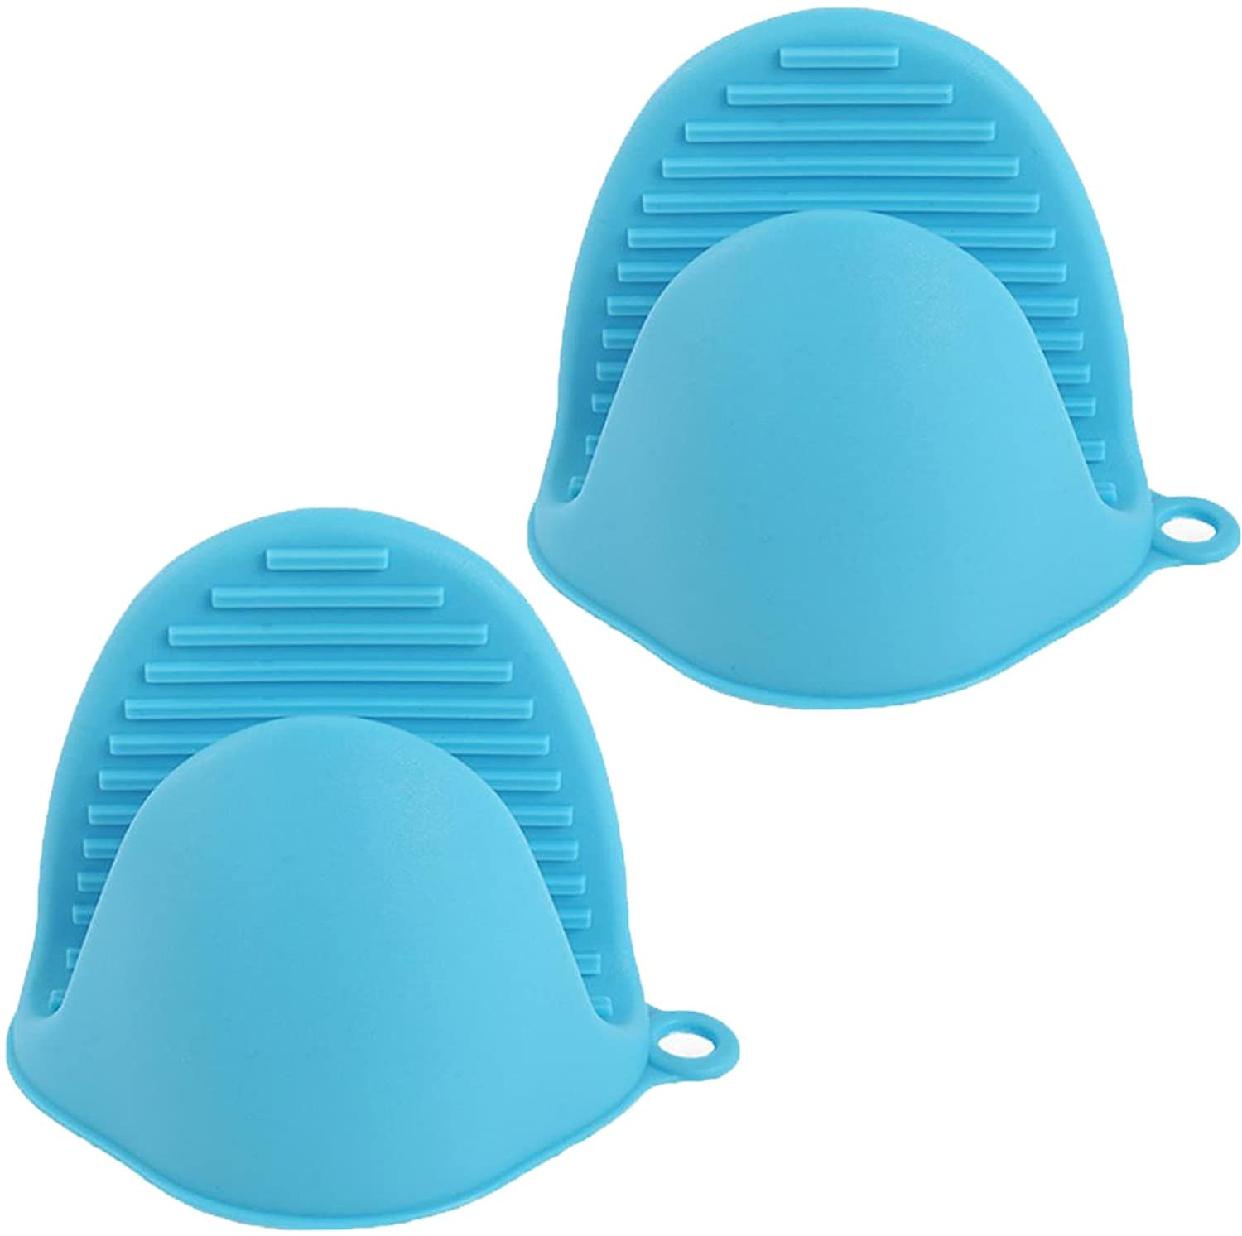 Fumemo(フメモ) 鍋つかみ 水色 2個セットの商品画像